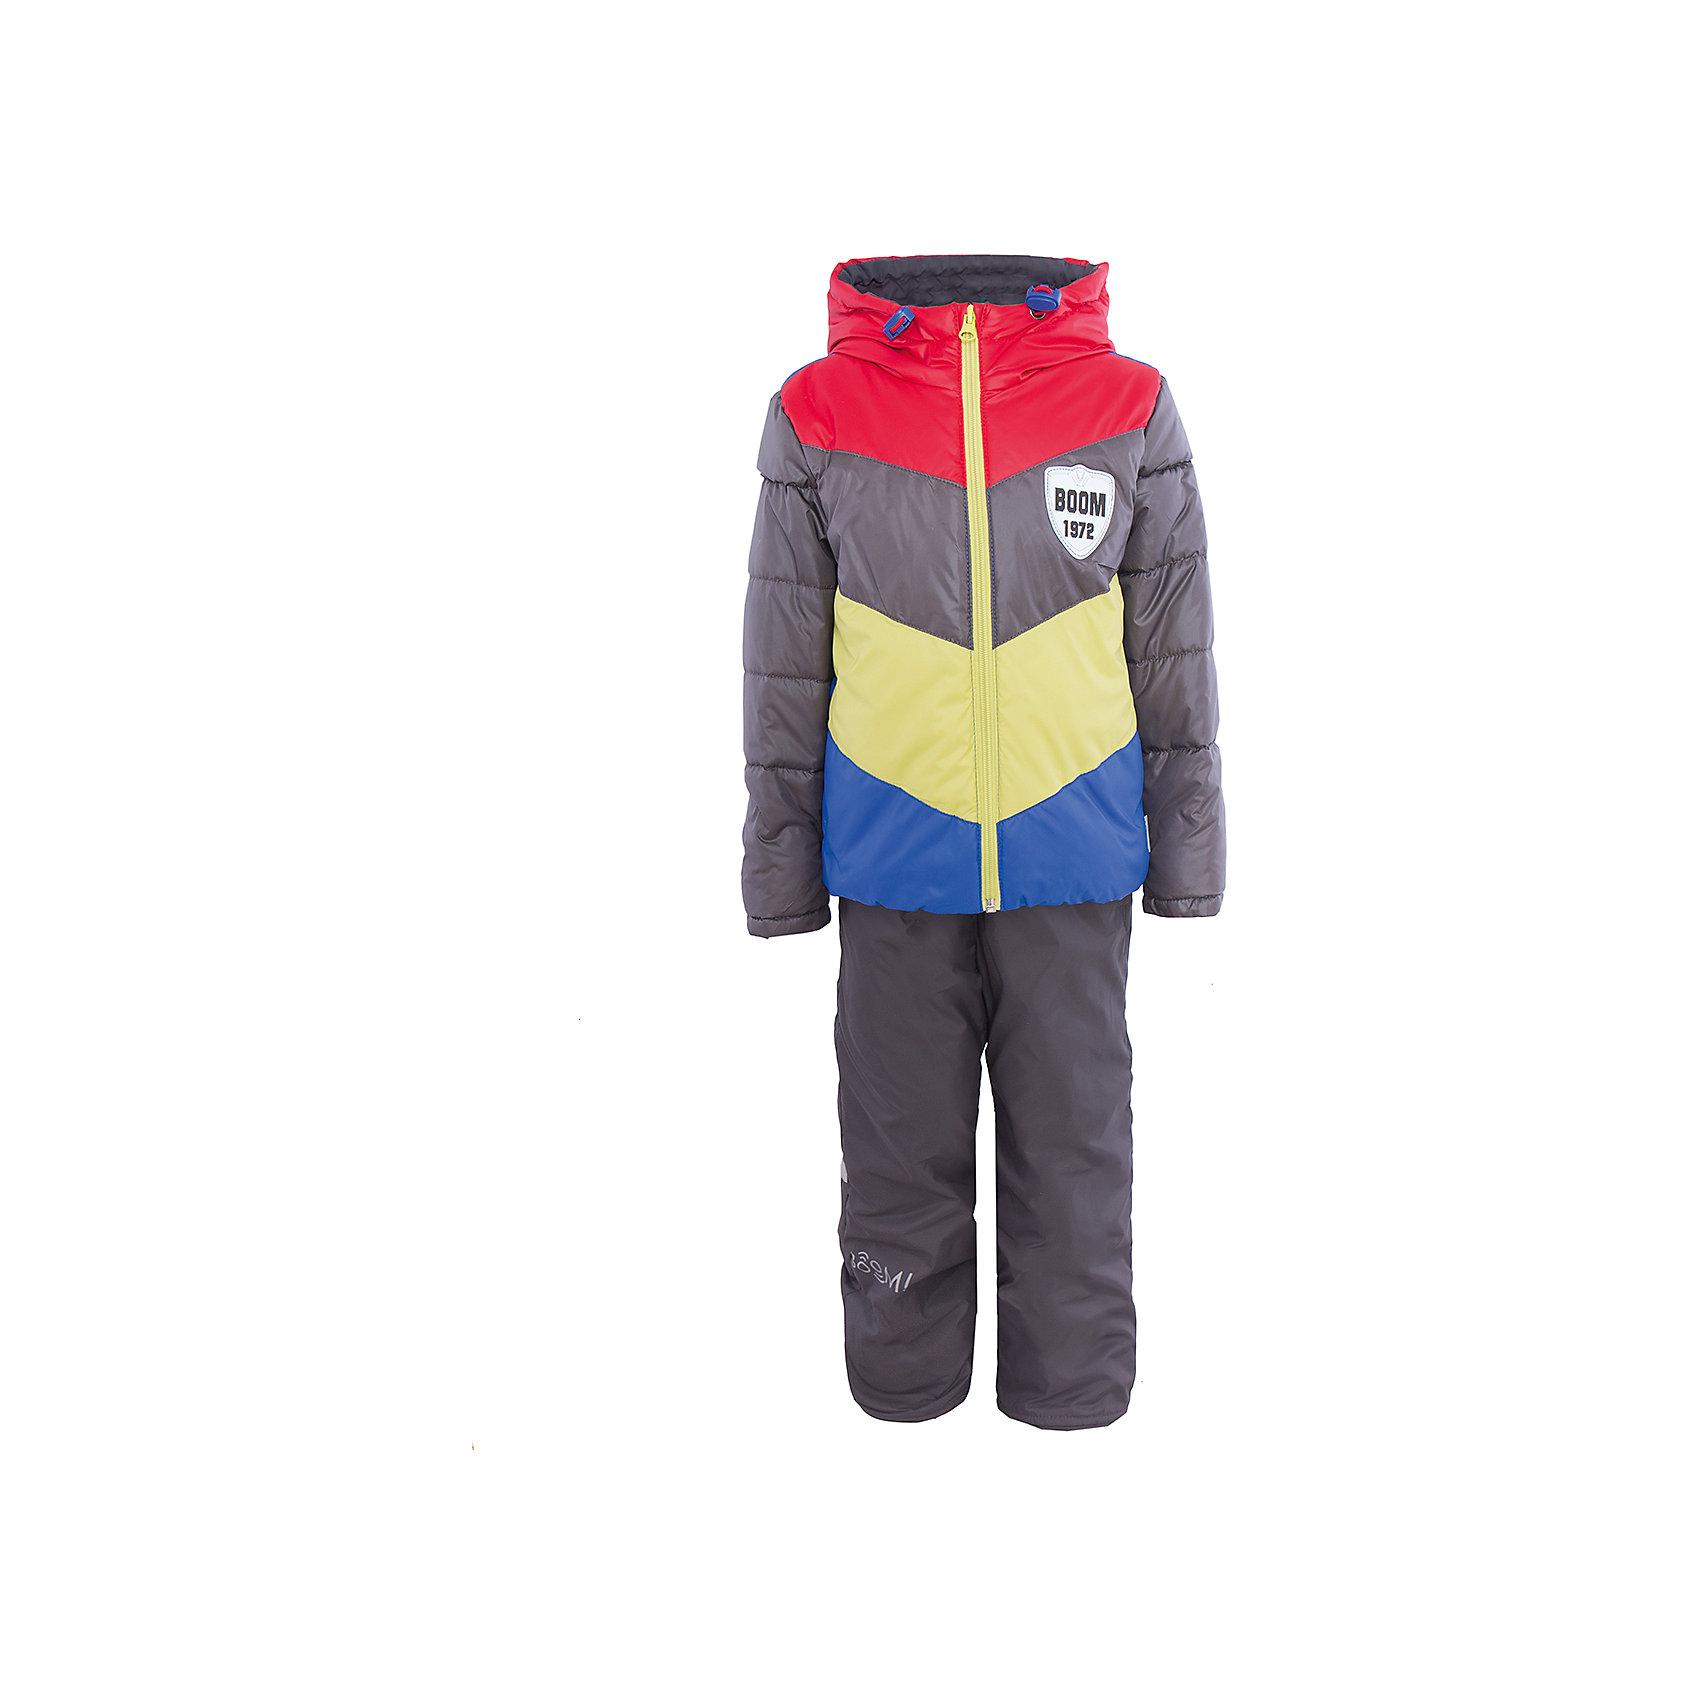 Комплект для мальчика BOOM by OrbyВерхняя одежда<br>Характеристики товара:<br><br>• цвет: серый/красный/желтый/синий<br>• состав: <br>курточка: верх - болонь, подкладка - поликоттон, полиэстер, утеплитель: эко-синтепон 150 г/м2<br>брюки: верх - таффета, подкладка - флис<br>• комплектация: куртка, брюки<br>• температурный режим: от -5 С° до +10 С° <br>• из непромокаемой ткани, с водо и грязеотталкивающими пропитками<br>• капюшон с утяжкой, не отстёгивается<br>• застежка - молния<br>• куртка декорирована нашивкой<br>• отвороты помогают заметно трансформировать размер<br>• комфортная посадка<br>• страна производства: Российская Федерация<br>• страна бренда: Российская Федерация<br>• коллекция: весна-лето 2017<br><br>Такой комплект - универсальный вариант для межсезонья с постоянно меняющейся погодой. Эта модель - модная и удобная одновременно! Изделие отличается стильным ярким дизайном. Куртка и брюки хорошо сидят по фигуре, отлично сочетается с различной обувью. Модель была разработана специально для детей.<br><br>Одежда от российского бренда BOOM by Orby уже завоевала популярностью у многих детей и их родителей. Вещи, выпускаемые компанией, качественные, продуманные и очень удобные. Для производства коллекций используются только безопасные для детей материалы. Спешите приобрести модели из новой коллекции Весна-лето 2017! <br><br>Комплект для мальчика от бренда BOOM by Orby можно купить в нашем интернет-магазине.<br><br>Ширина мм: 356<br>Глубина мм: 10<br>Высота мм: 245<br>Вес г: 519<br>Цвет: красный<br>Возраст от месяцев: 36<br>Возраст до месяцев: 48<br>Пол: Мужской<br>Возраст: Детский<br>Размер: 104,122,86,92,98,110,116<br>SKU: 5343997